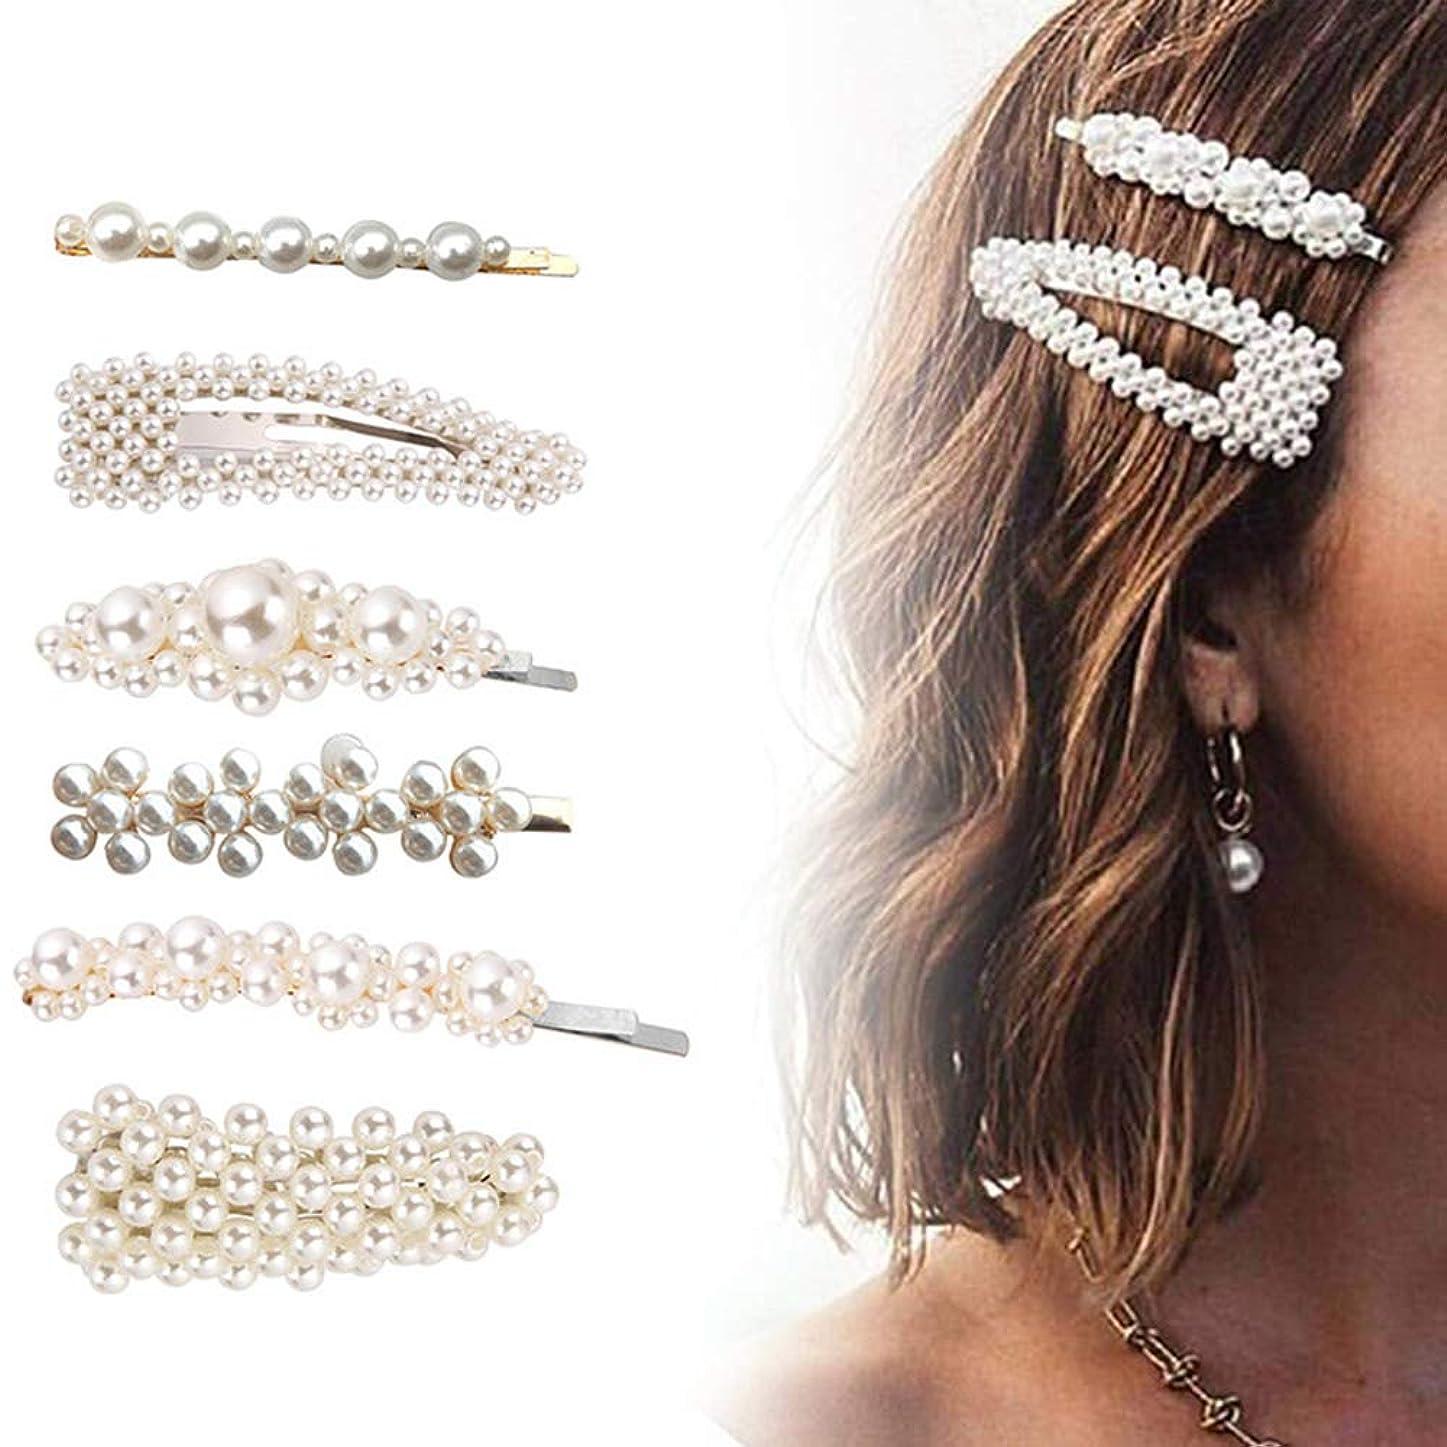 どうやら日没ことわざ9ピースパールヘアピン、花嫁ののどの真珠のヘアピンビーズのヘアピンの装飾、ヘアピンの女性のヘアアクセサリー